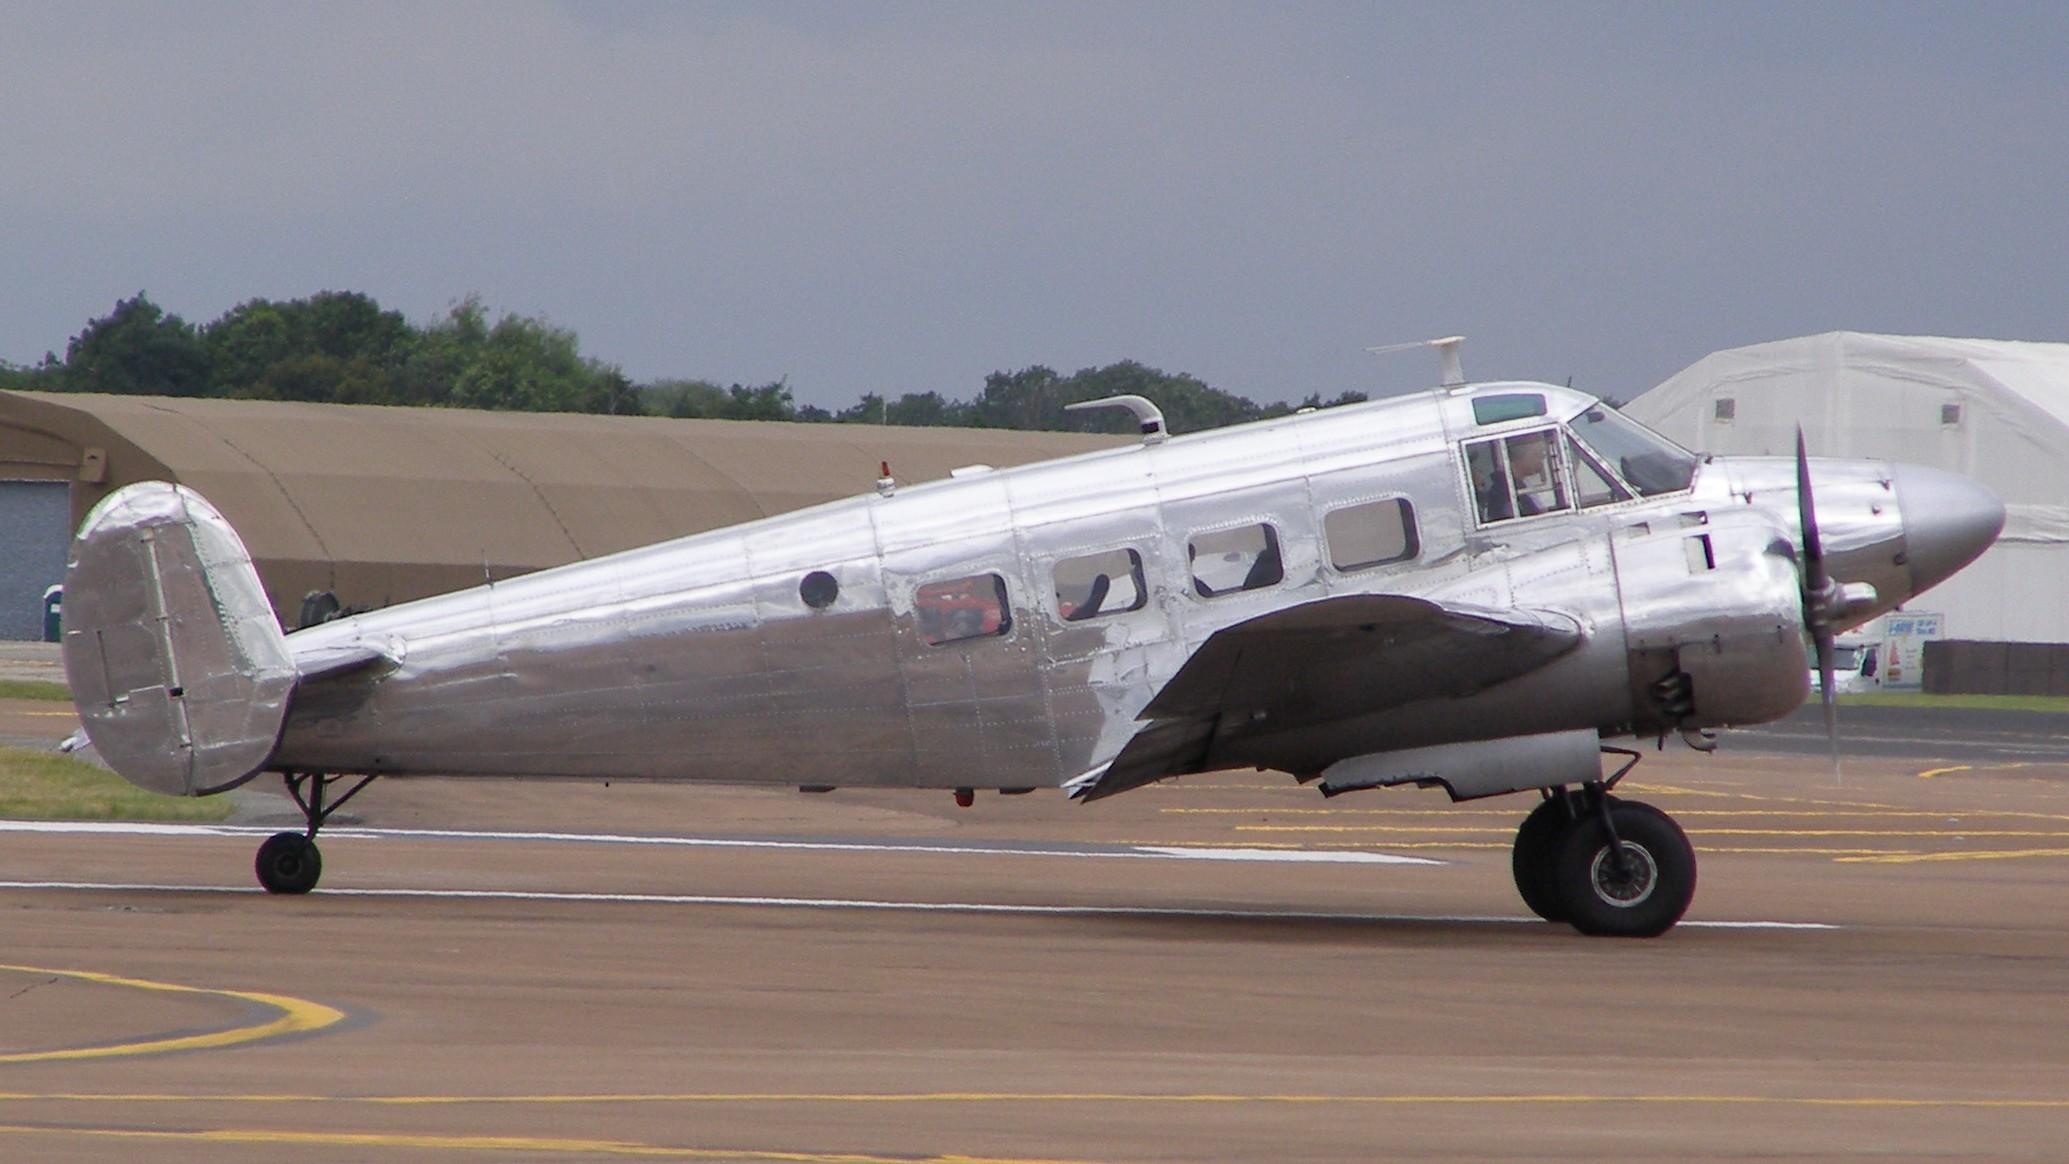 Un Beechcraft 18 similar al del accidente de Croce